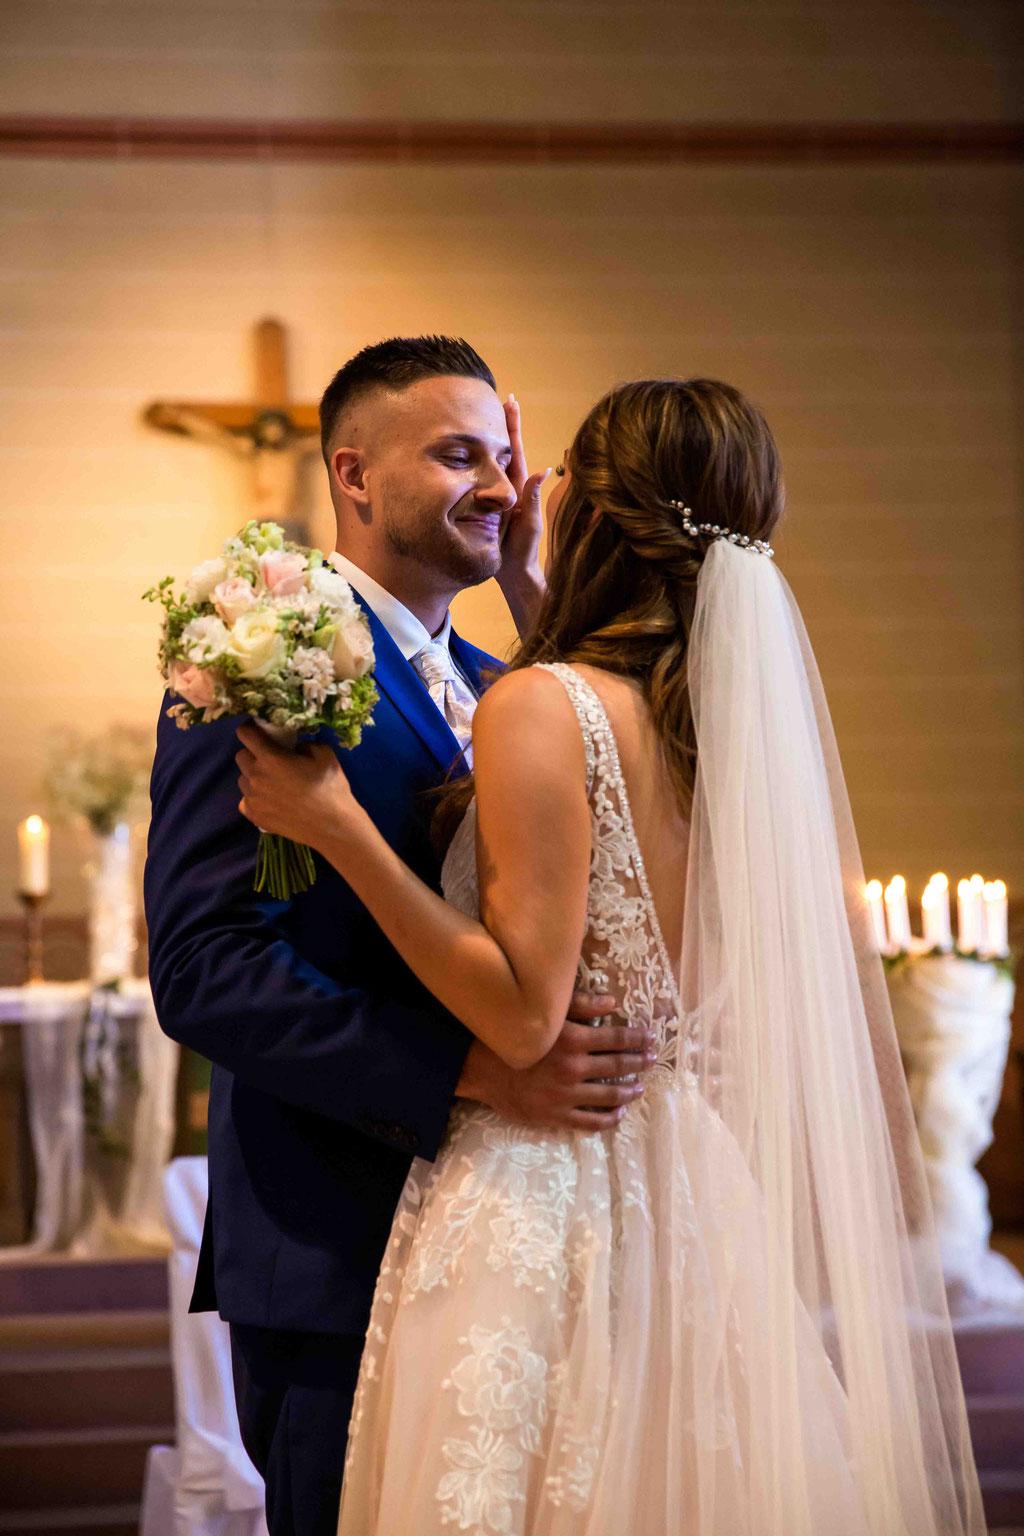 Hochzeitskuss, Ehegelübde, Eheversprechen, Blick der Liebe beim Brautpaar, Hochzeit in der Kirche, Trauung Hochzeitsbilder